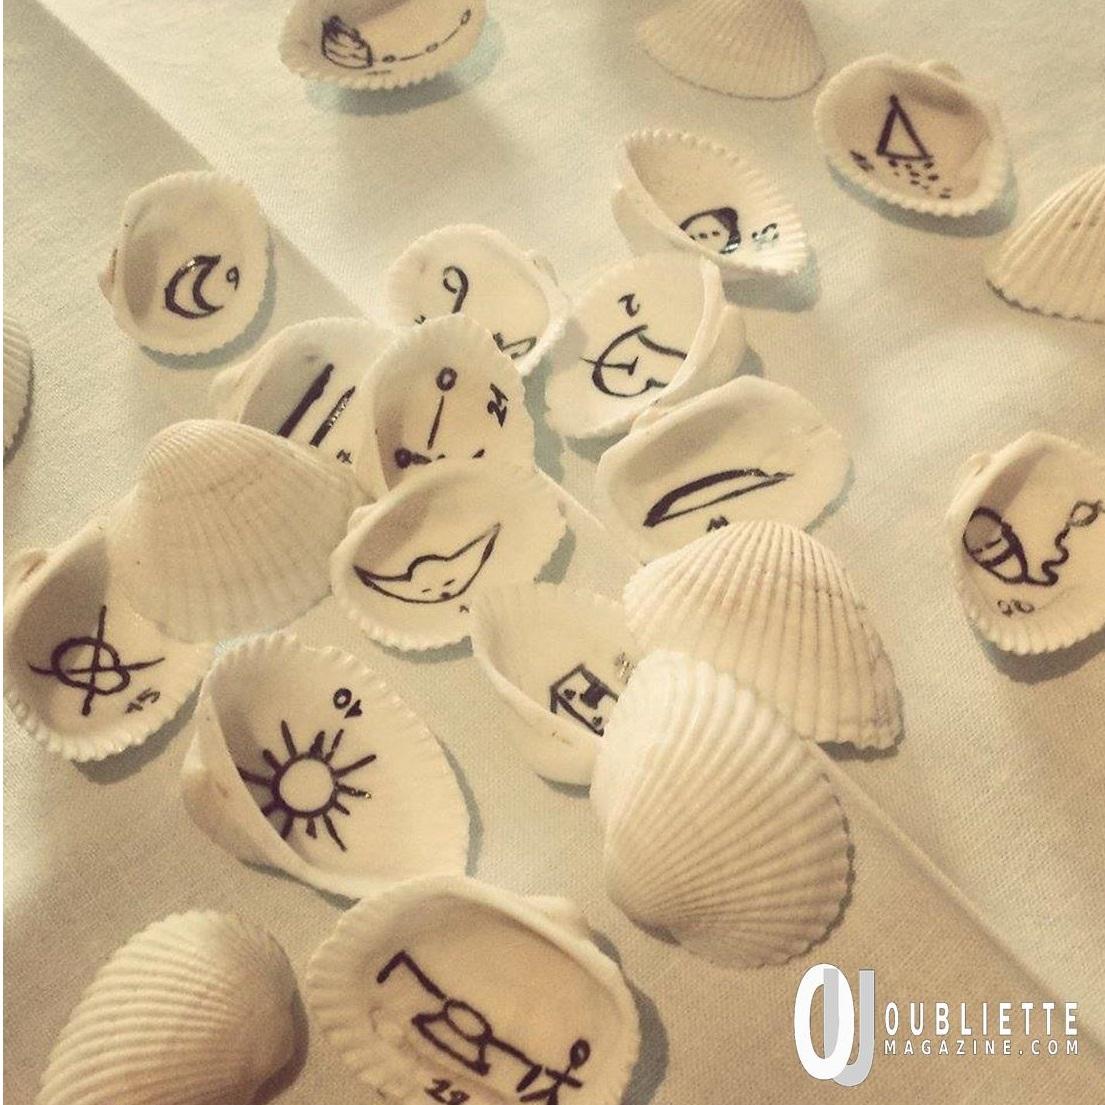 La divinazione con le conchiglie: un'antica pratica giunta sino ai nostri giorni